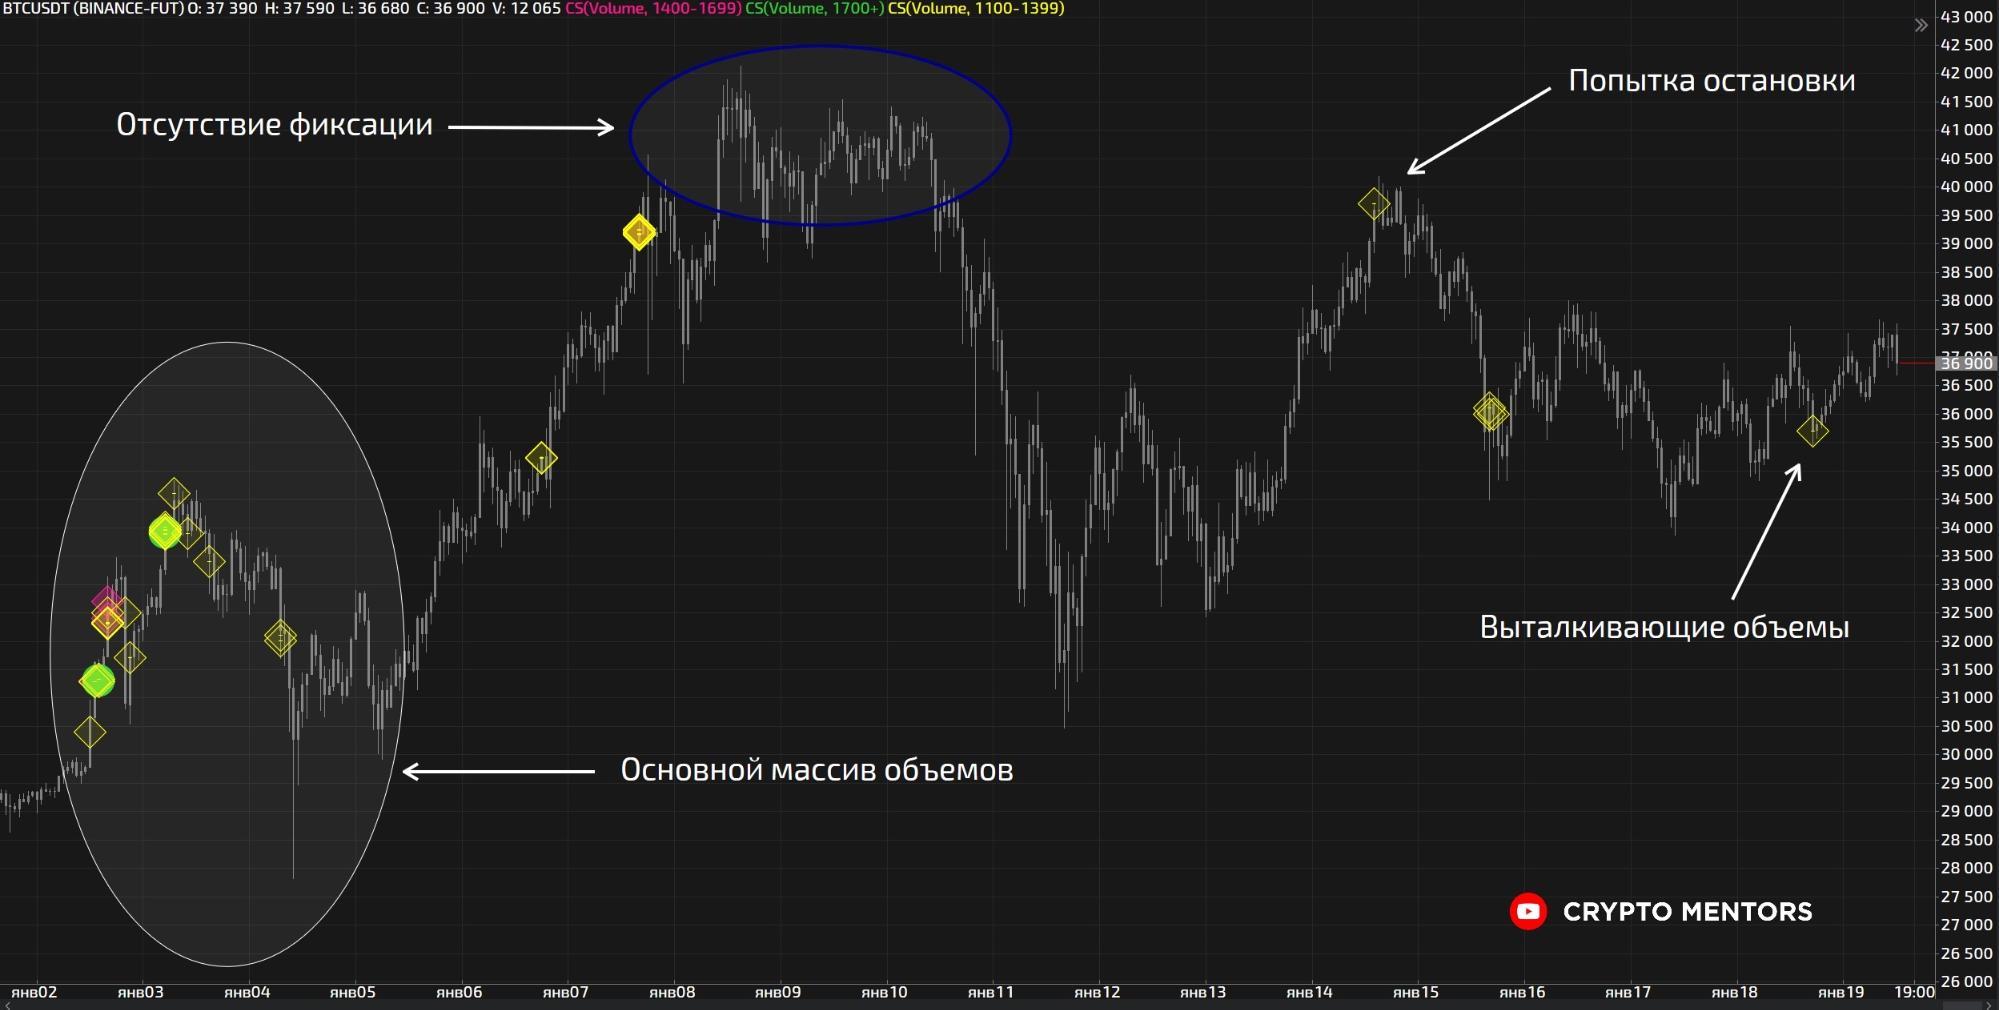 Трейдер назвал условие роста цены биткоина к $50 000